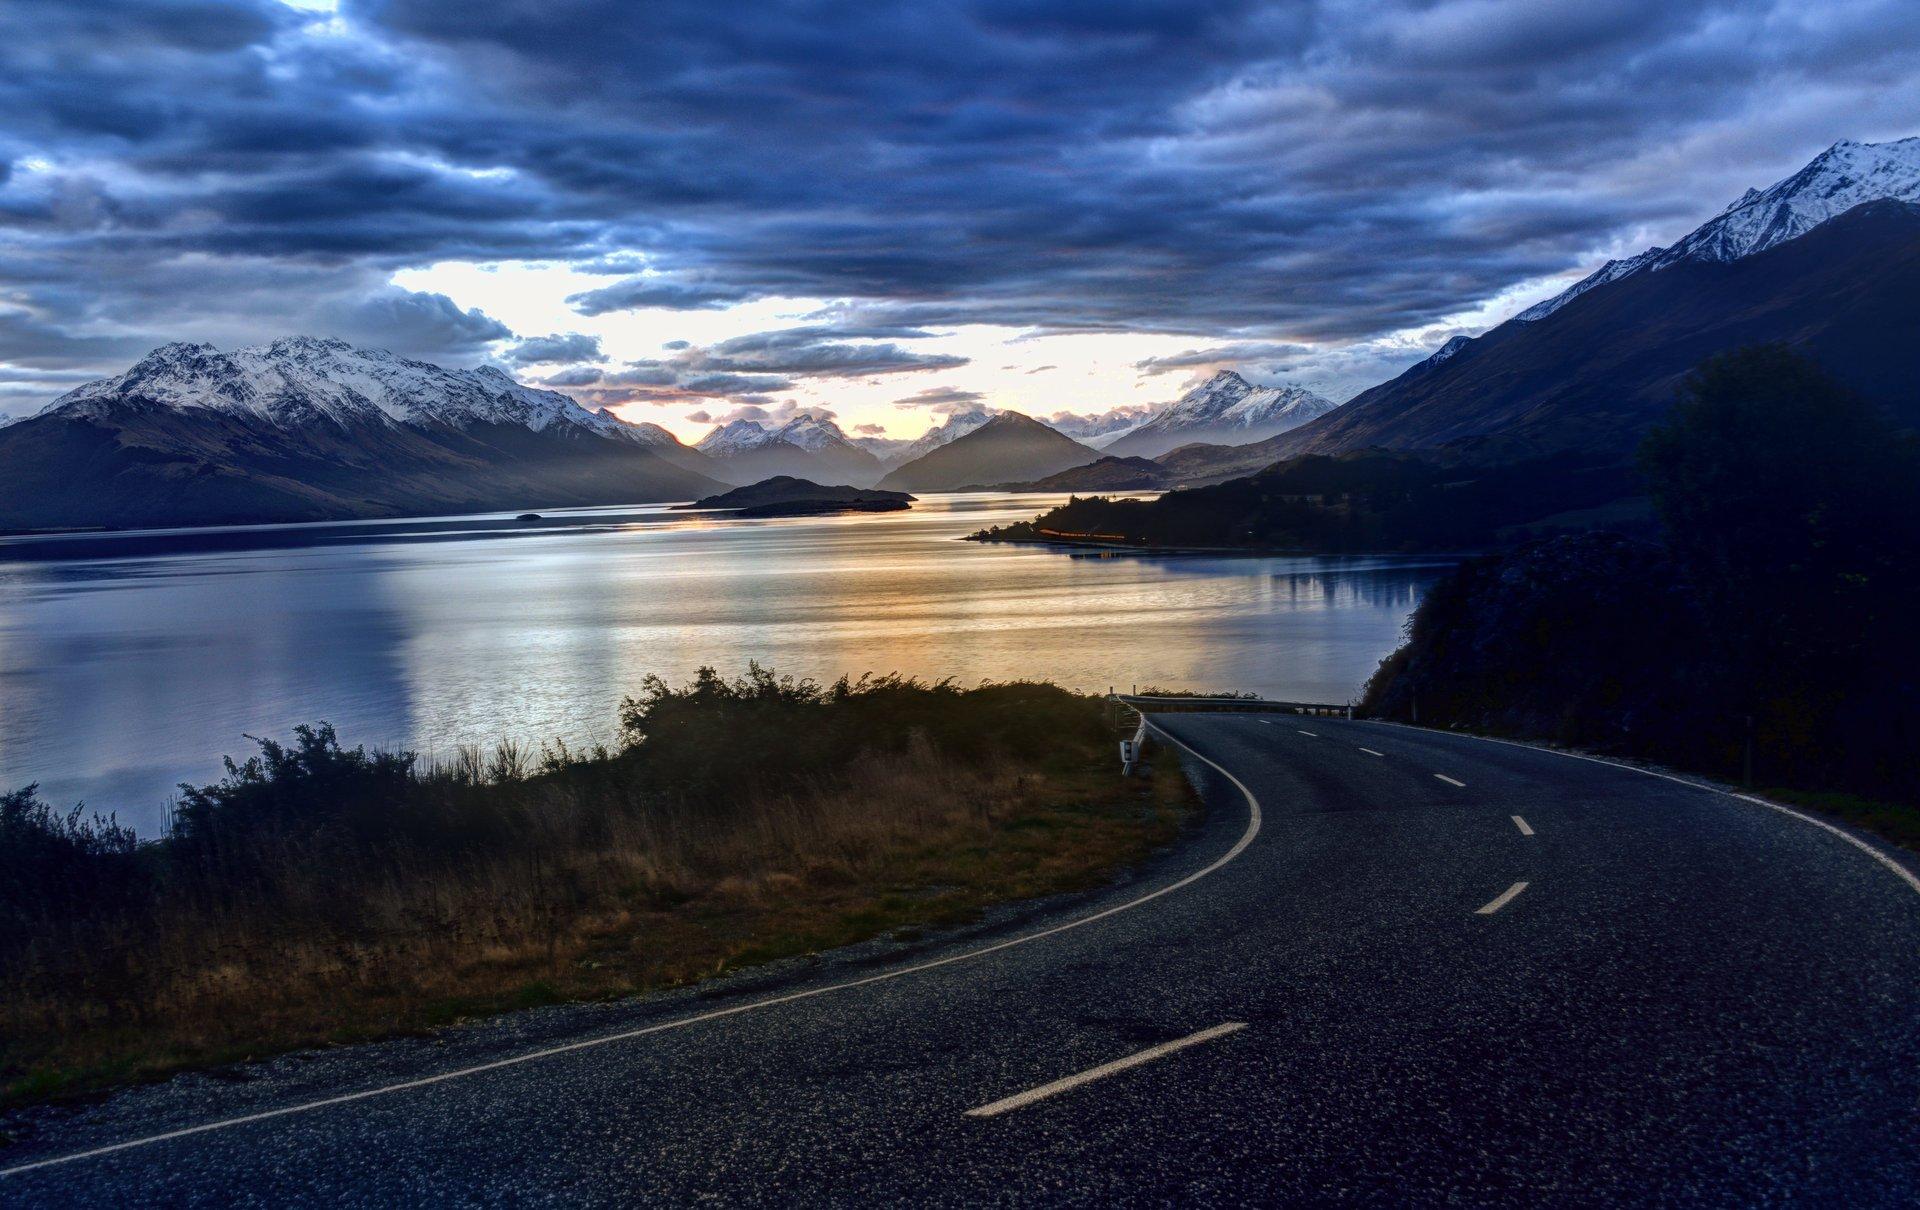 новая зеландия природа небо облака озеро дорога пейзаж